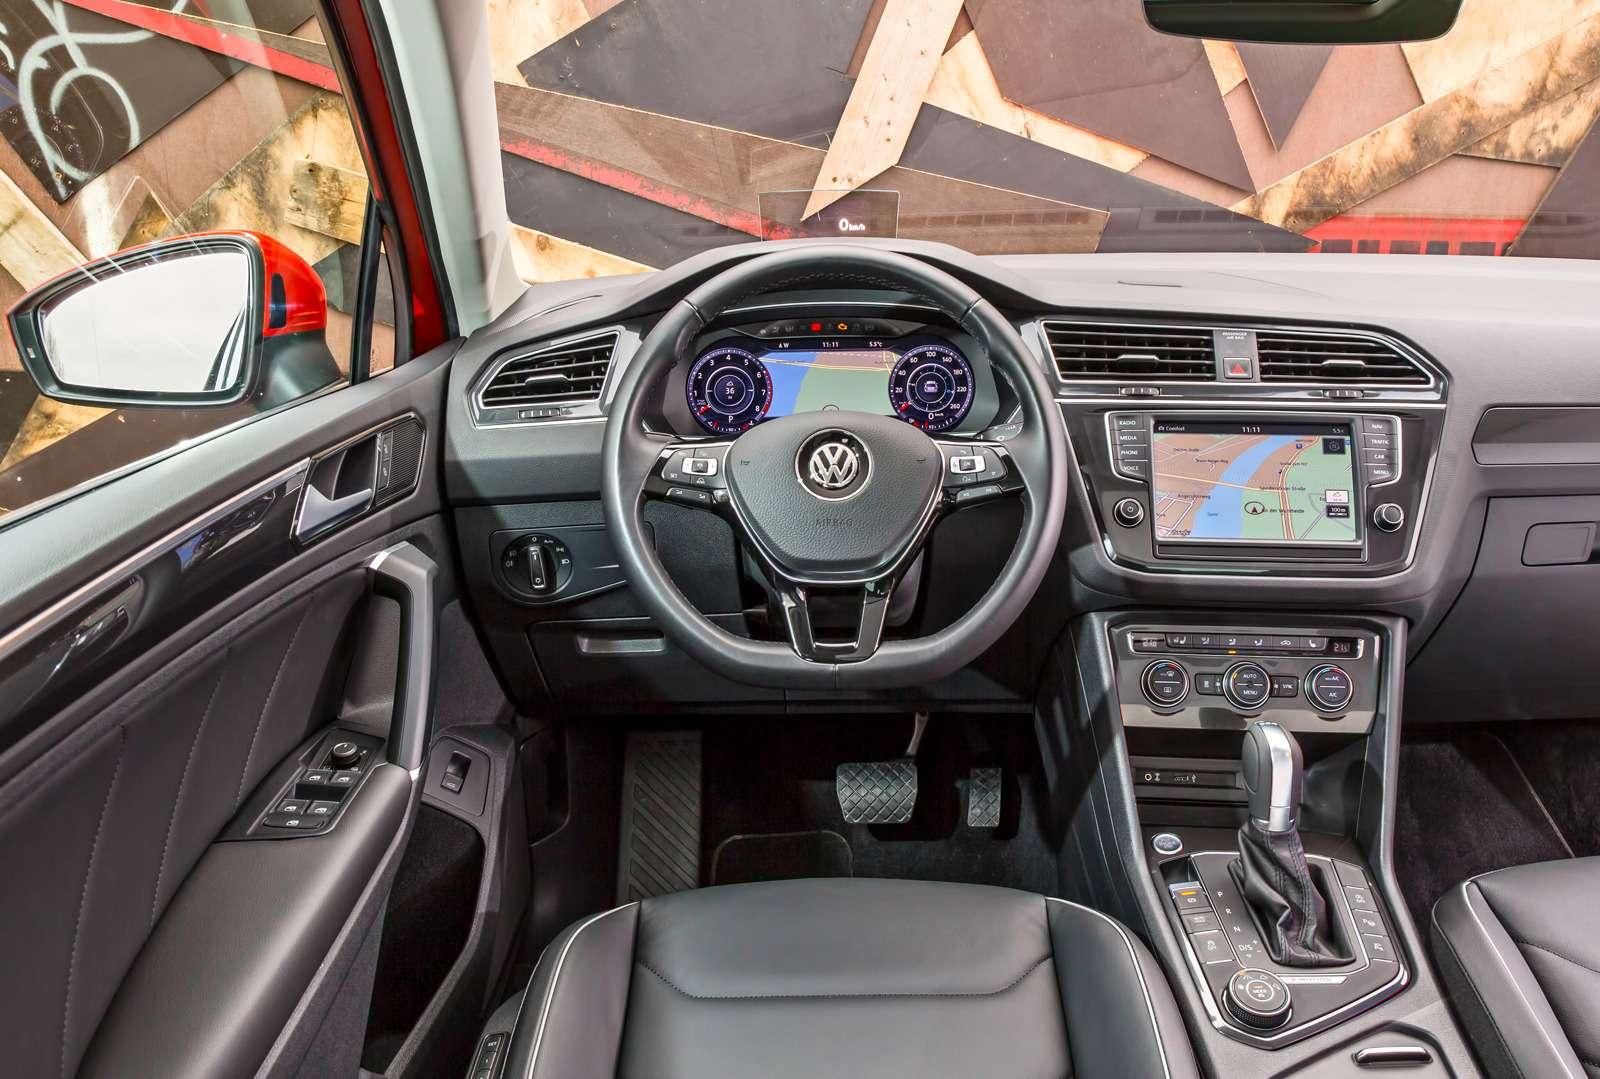 Тест нового Volkswagen Tiguan: победа экологов надавтоспортсменами— фото 594450